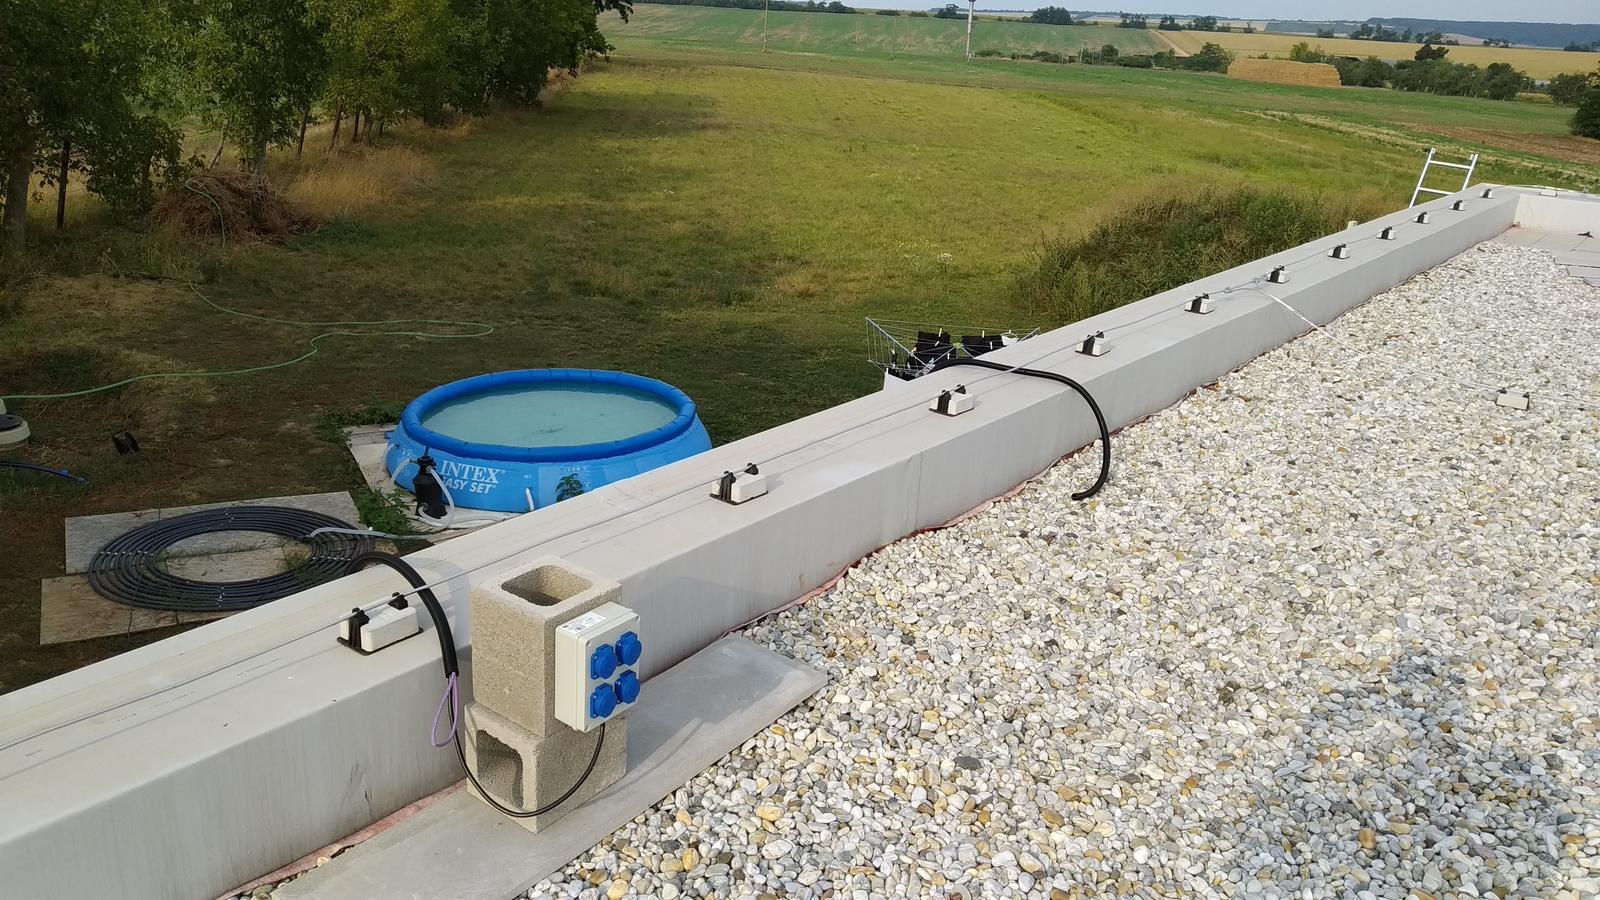 Kontajnerový dom po stieťkovaní - Na streche je vyvedená zásuvka pre gril/nabíjačky/osvetlenie.... Zároveň je vyvedená samostatná kabeláž pre budúce pripojenie fotovoltaiky.